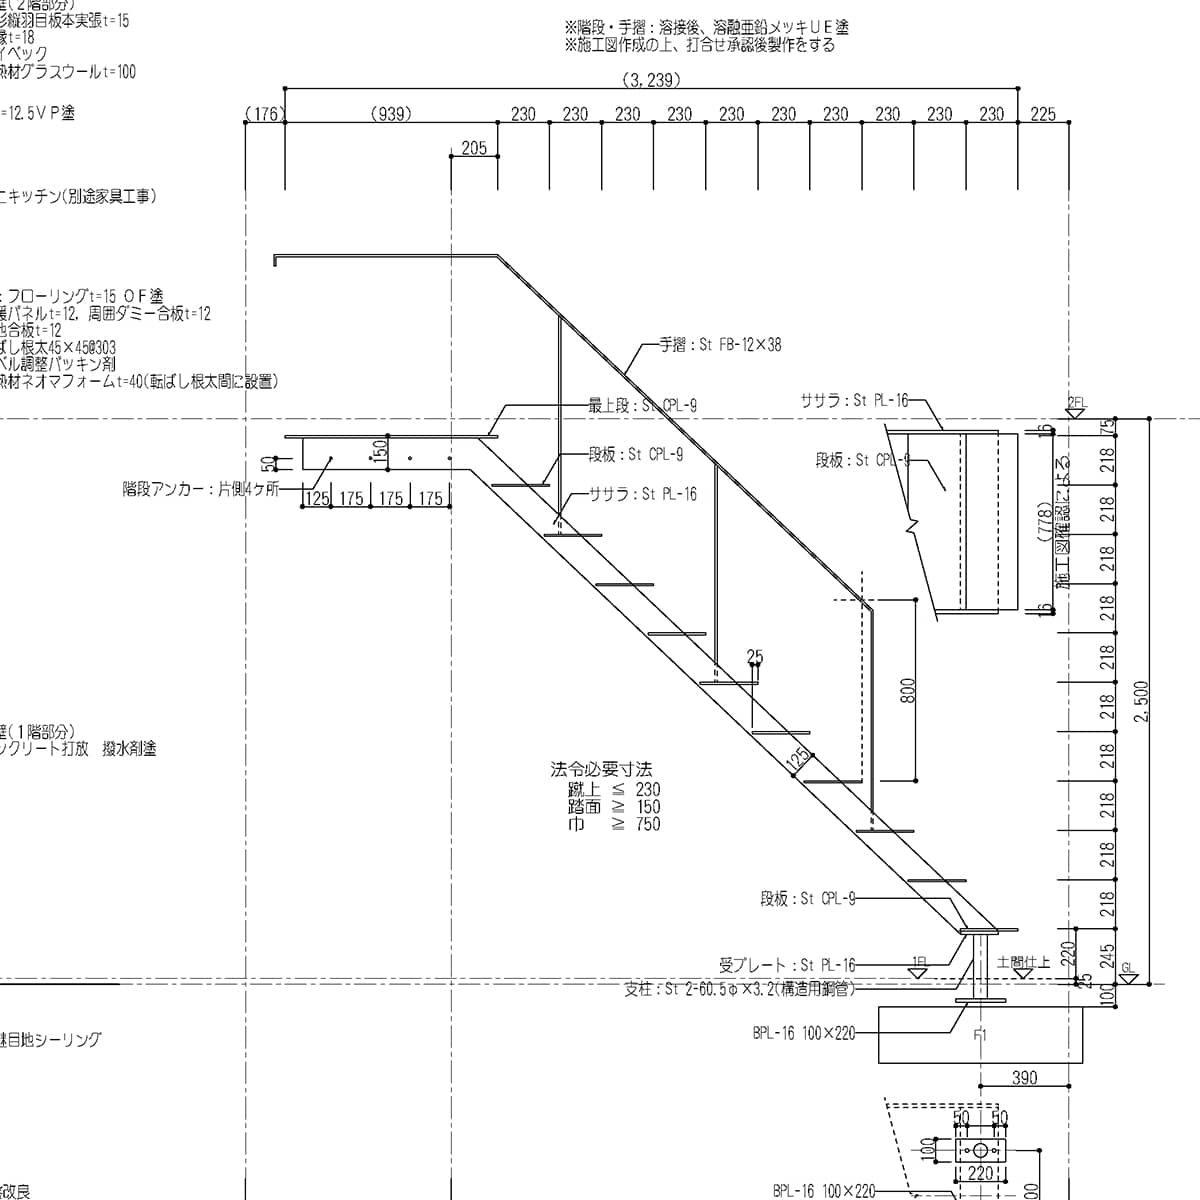 屋外鉄骨階段 図面